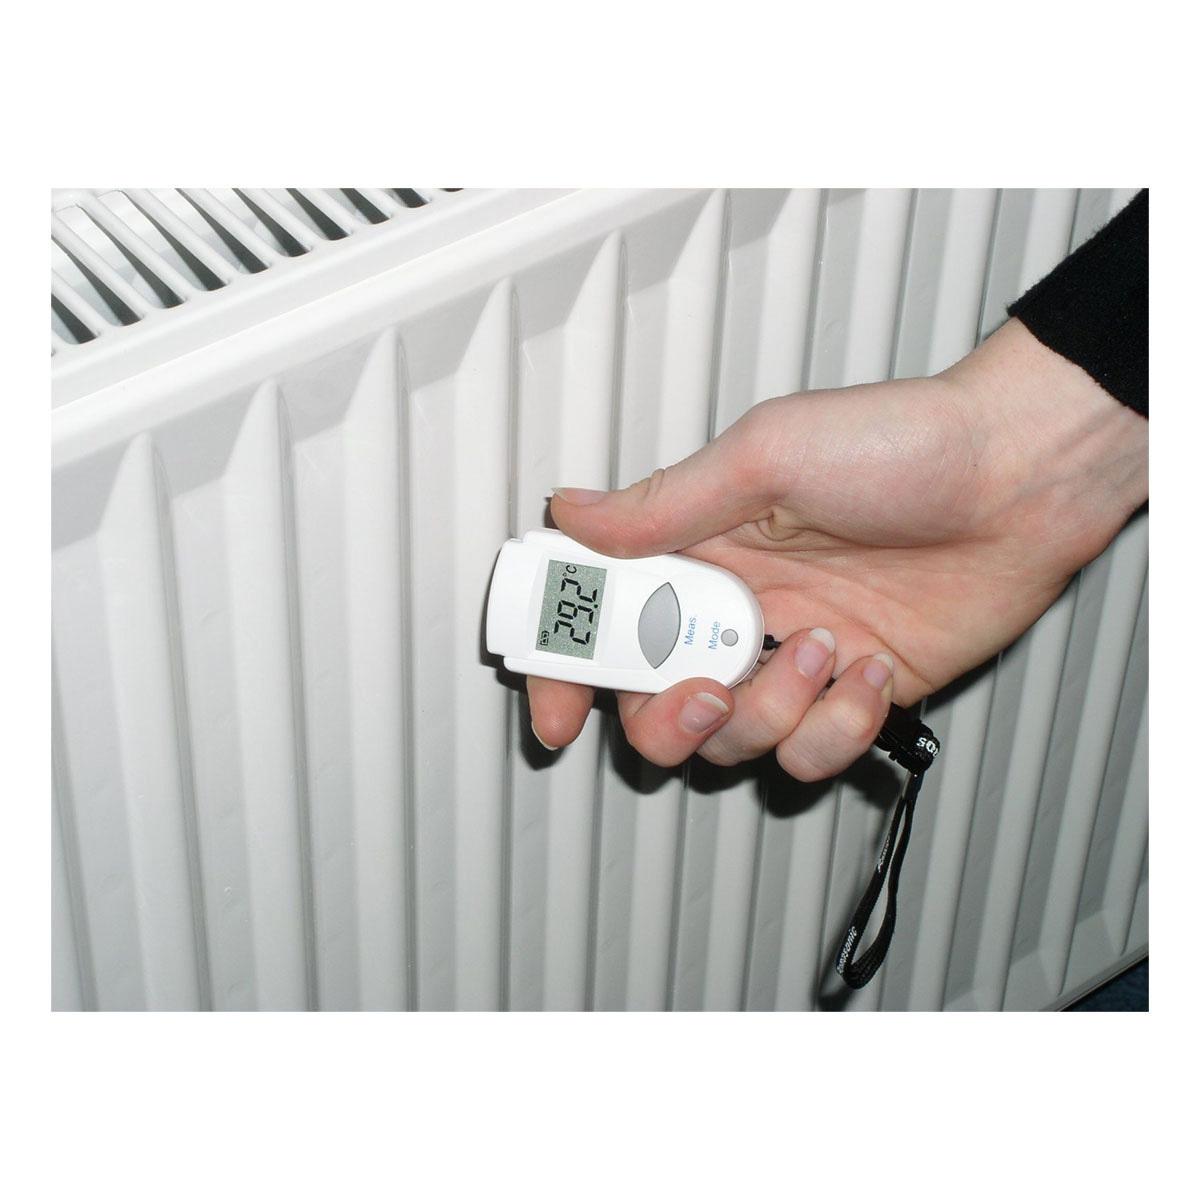 31-1108-infrarot-thermometer-mini-flash-anwendung5-1200x1200px.jpg